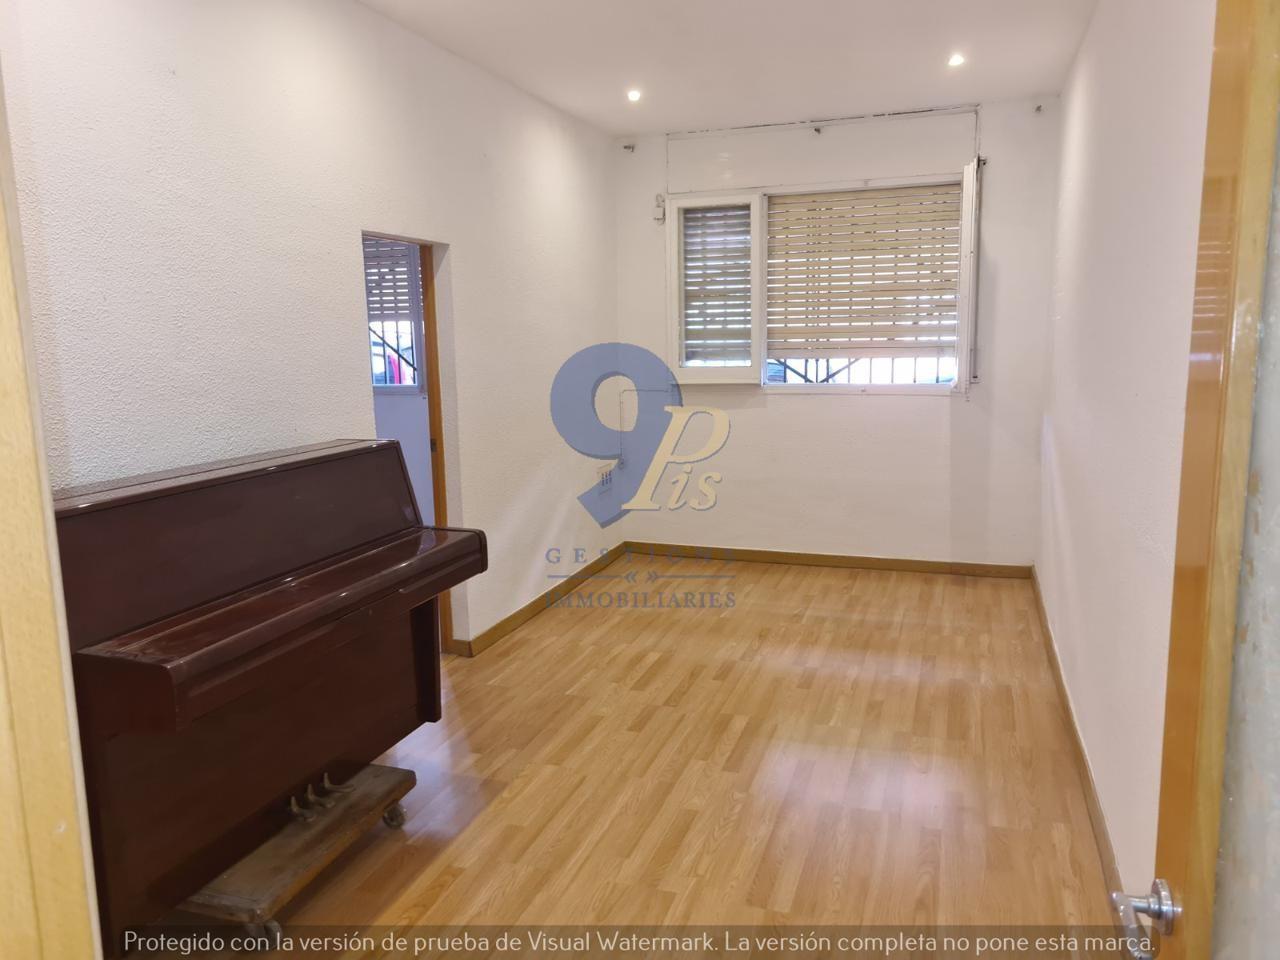 Piso  Plaza catalunya. 9pis inmobiliaria les presenta en exclusiva esta vivienda en pla